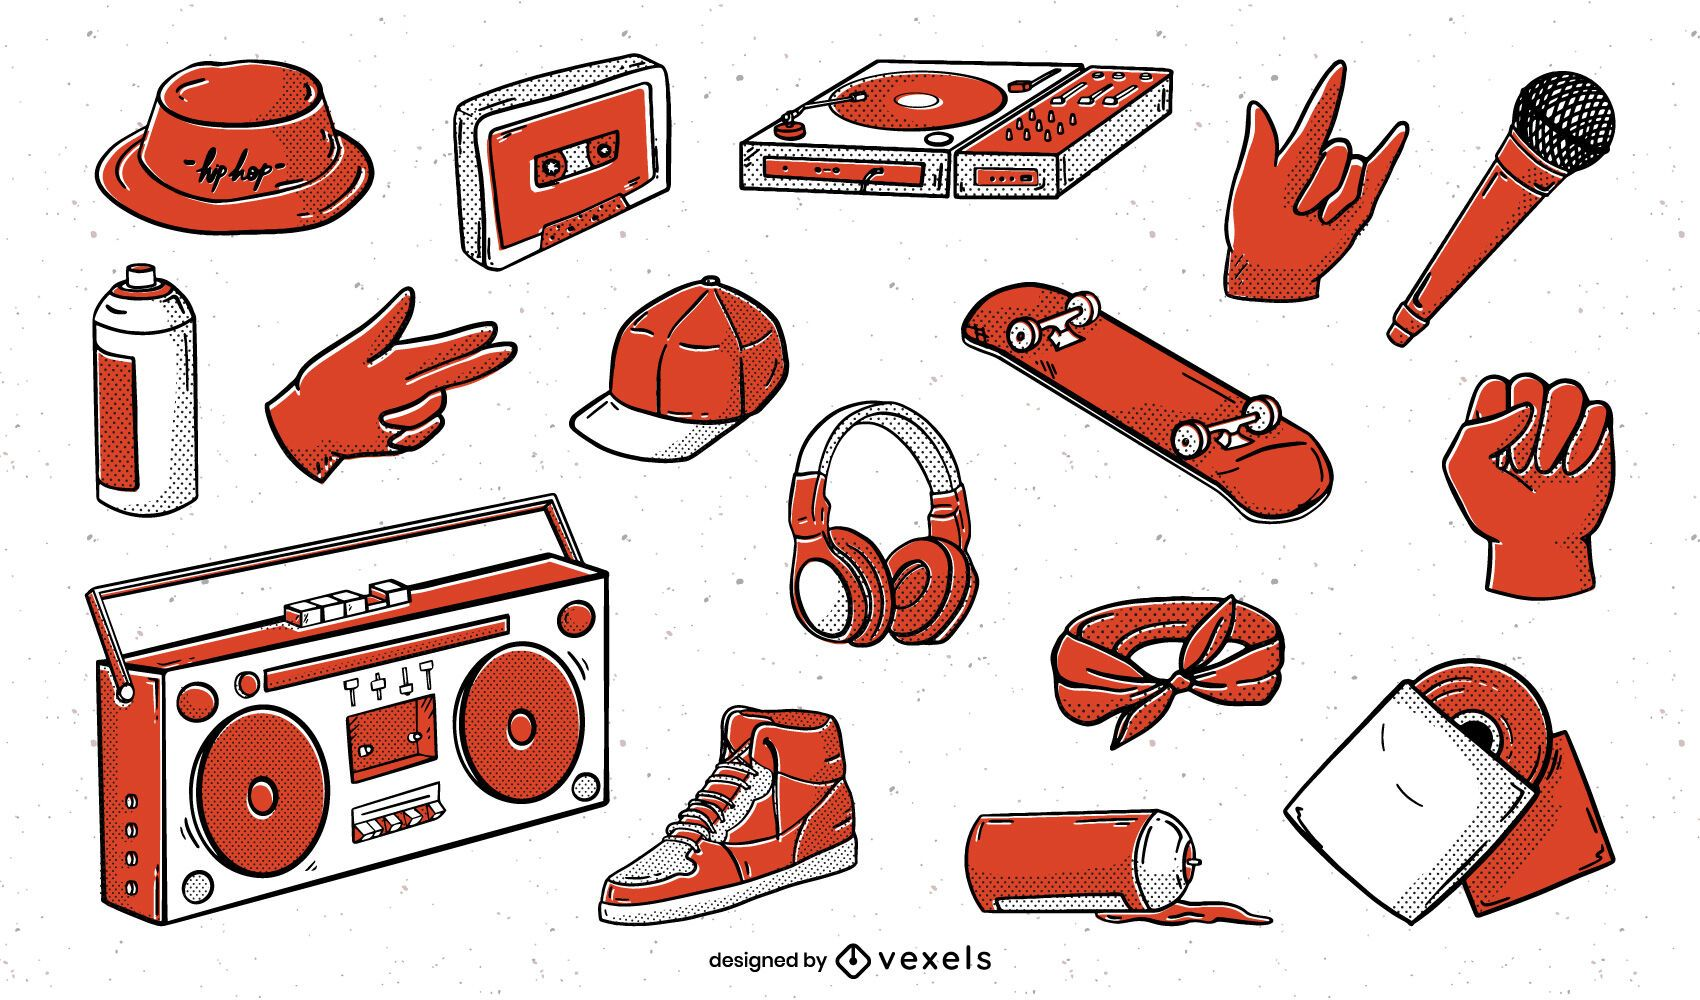 Paquete de elementos ilustrados de hip hop